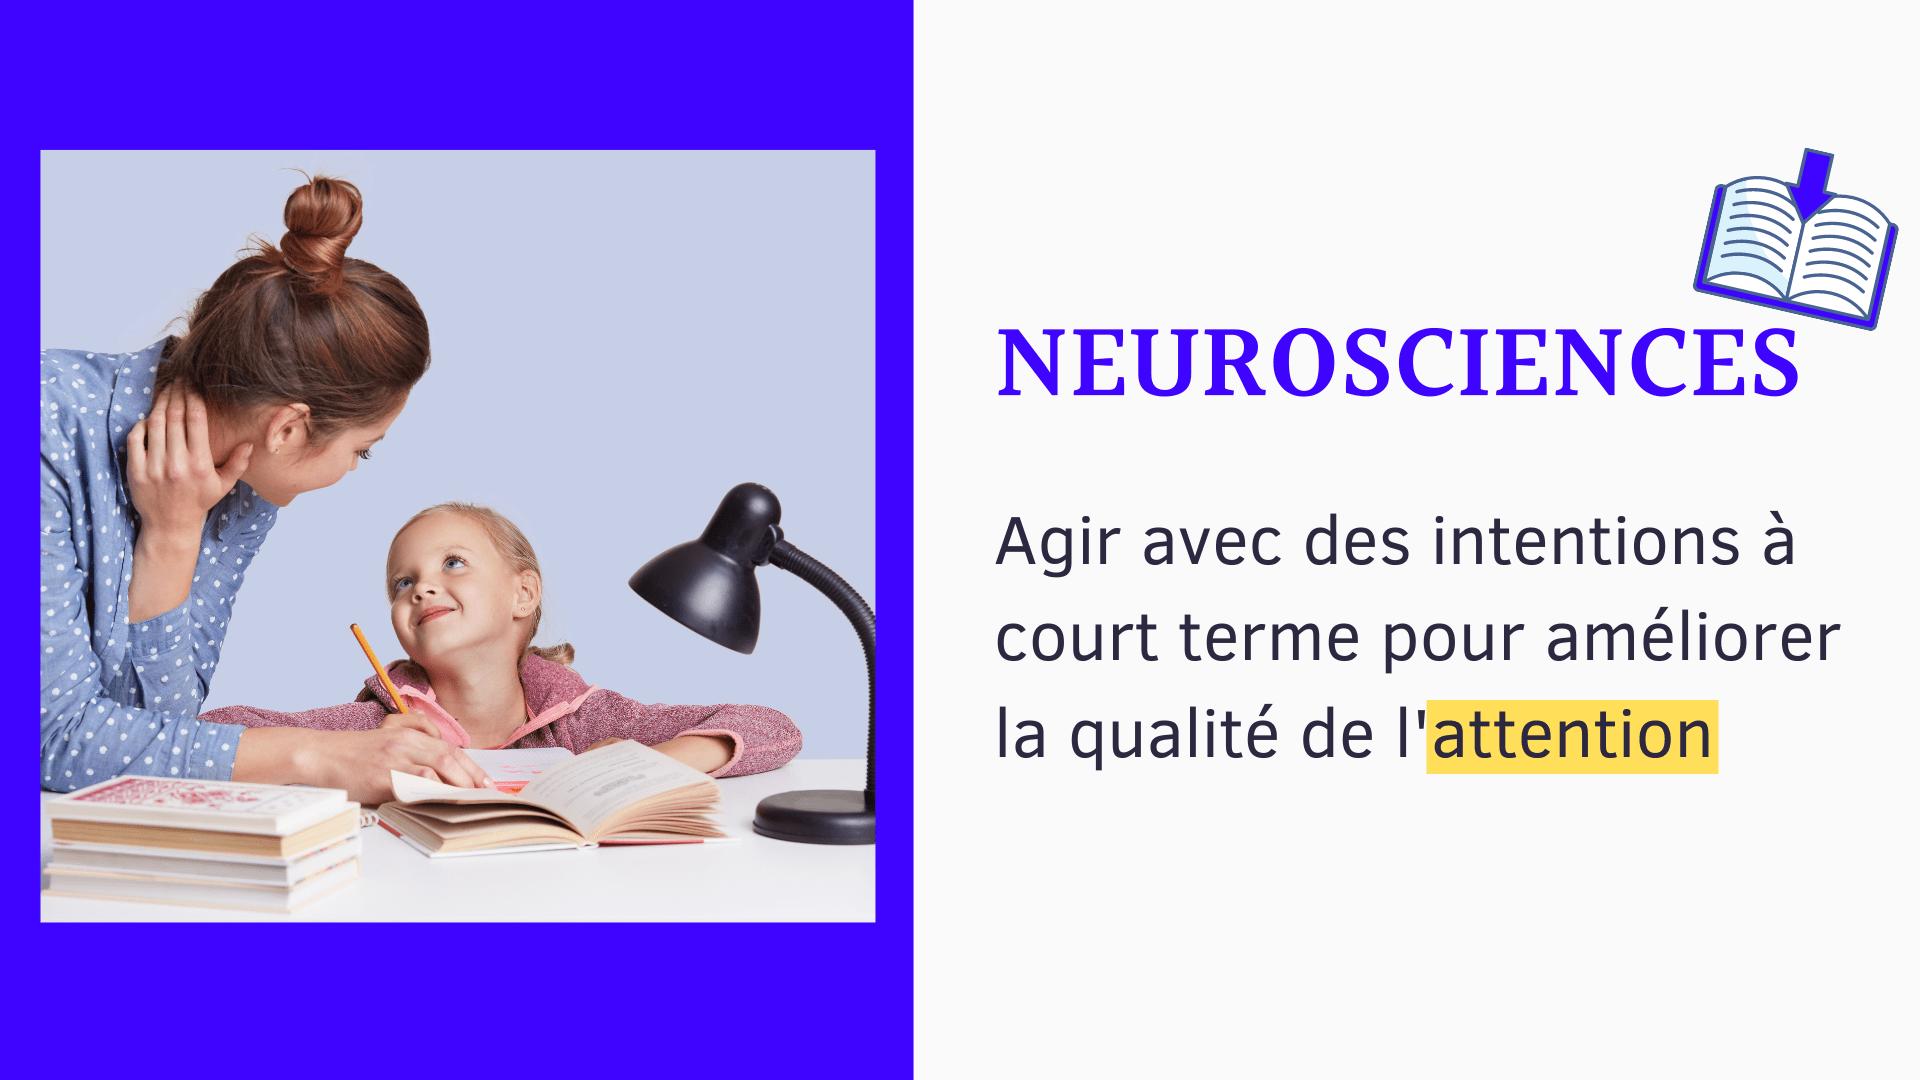 neurosciences qualité de l'attention